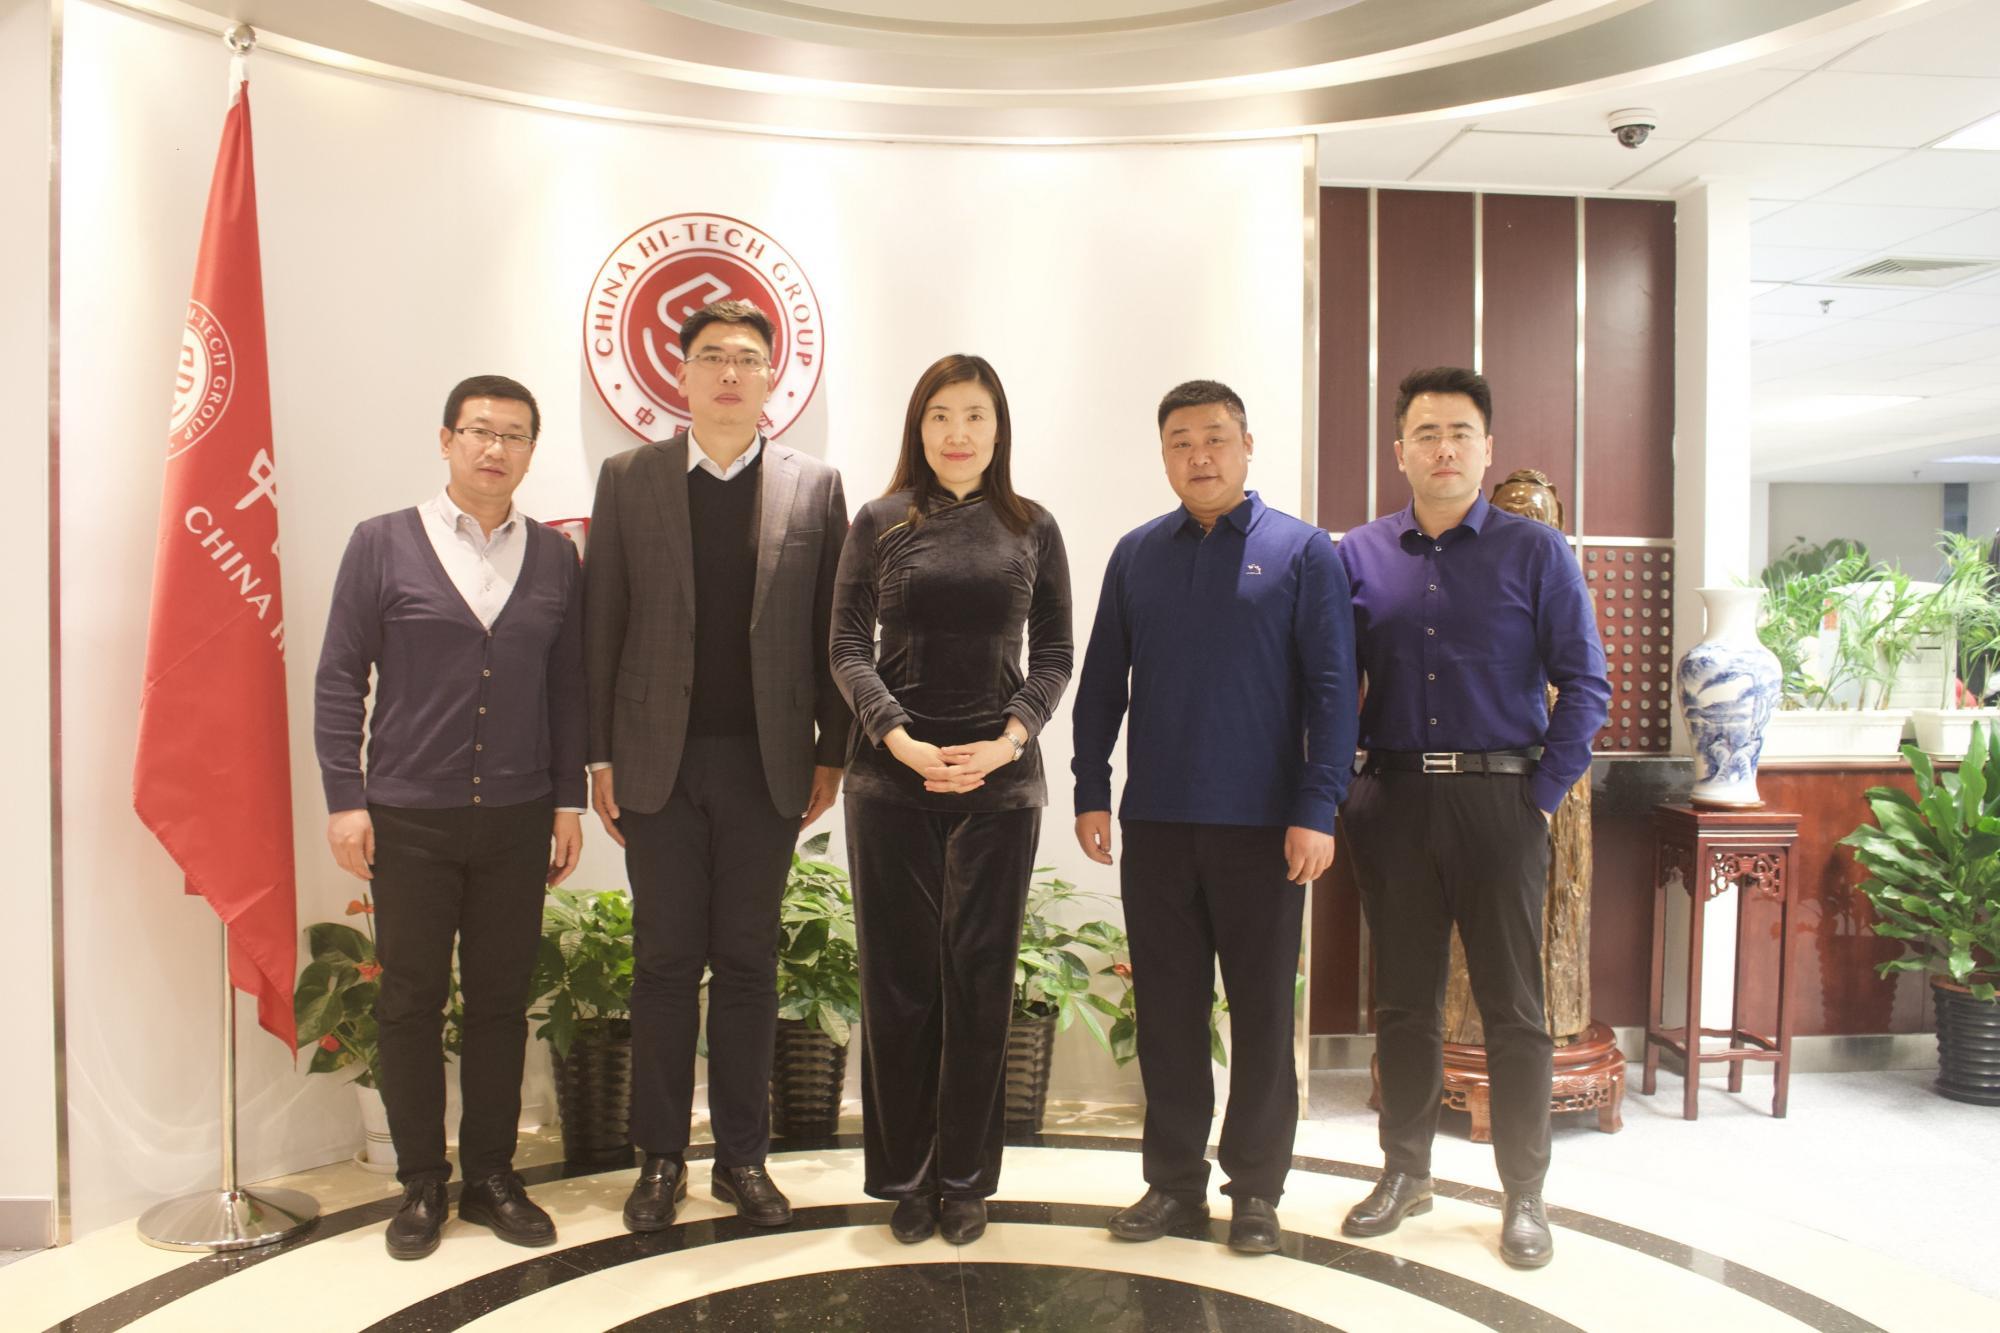 中国高科集团与张澜职业教育集团共同探讨产教深度融合业务